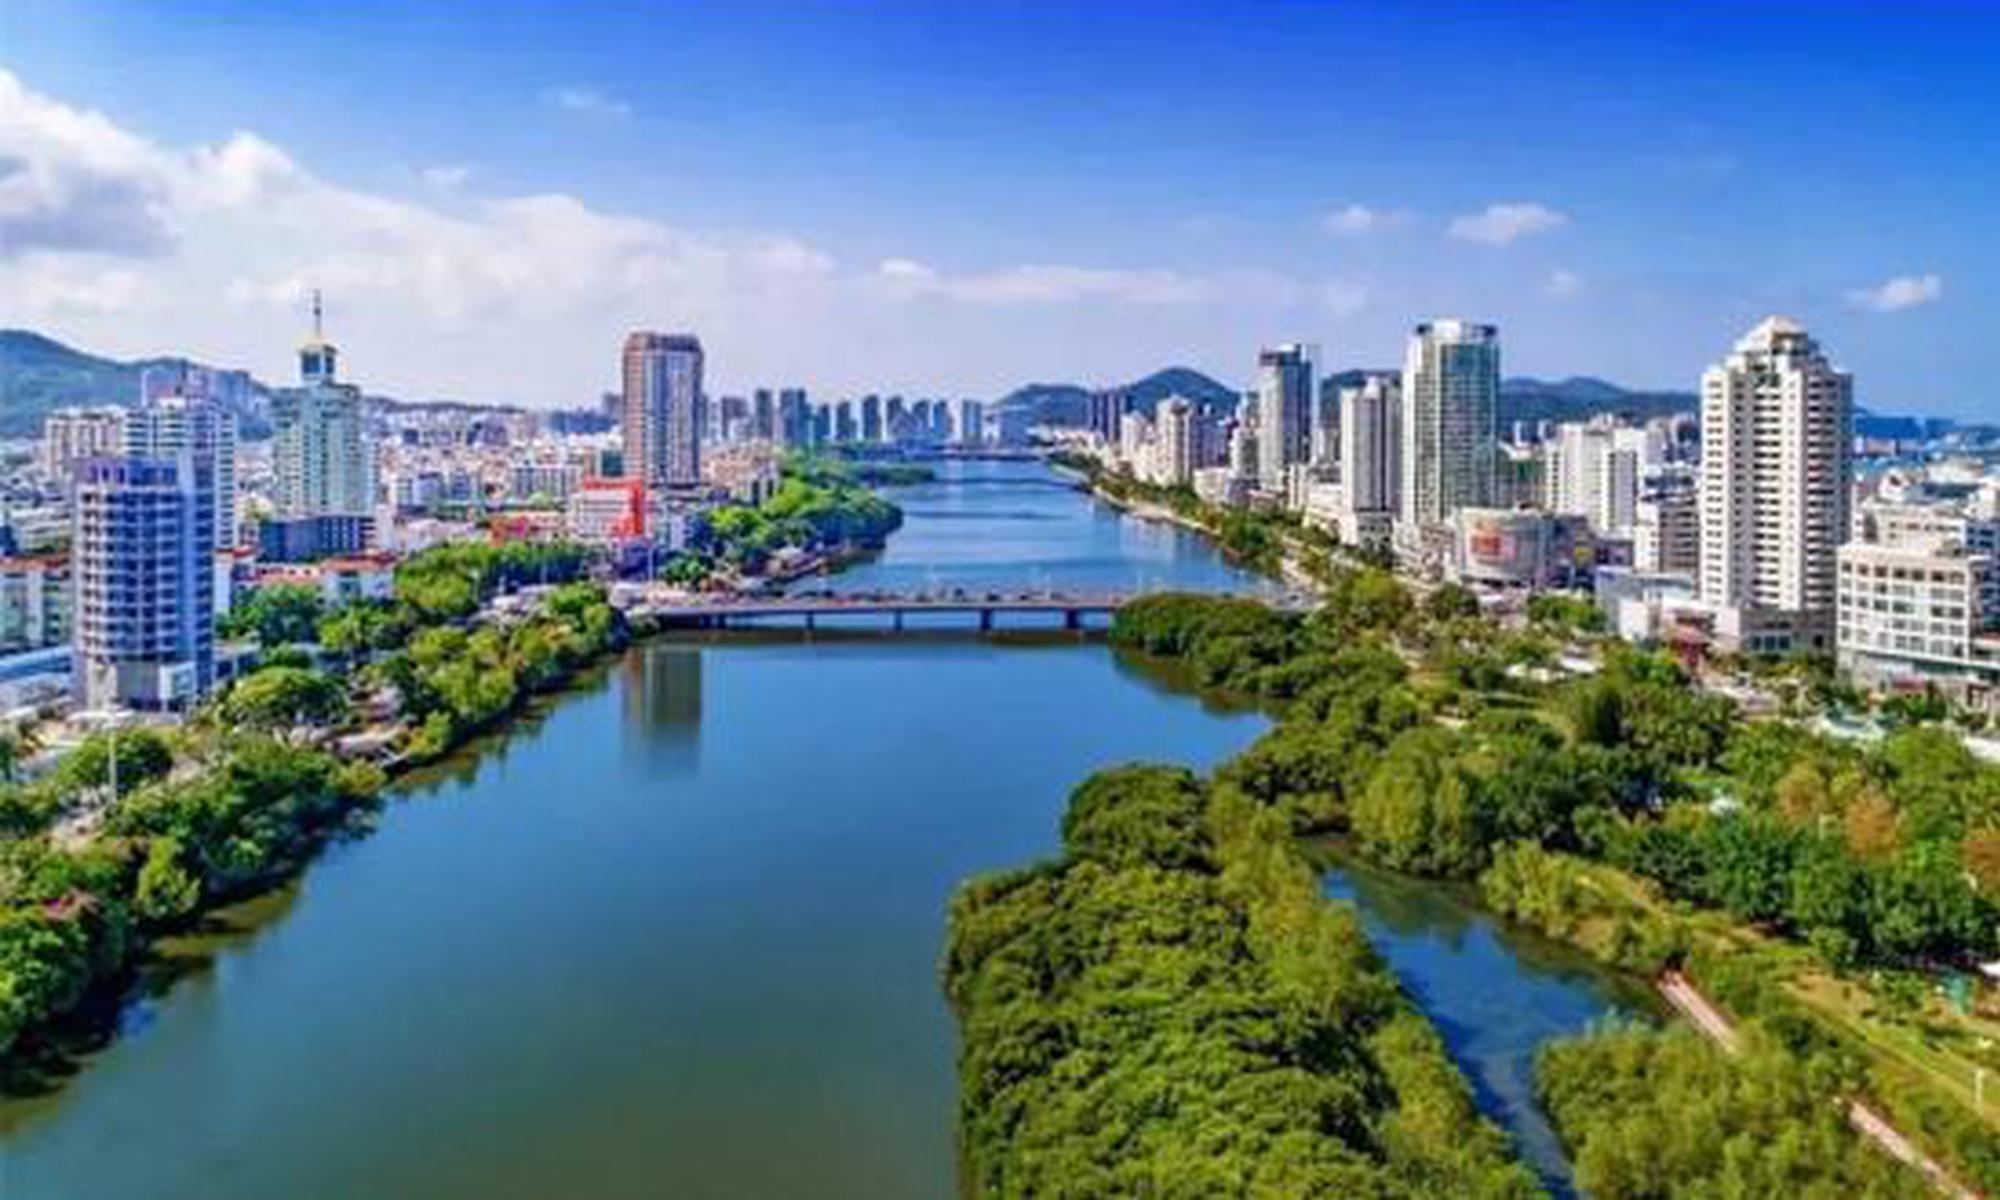 宁夏制定污染防治攻坚战成效考核措施 将从5方面进行考核!